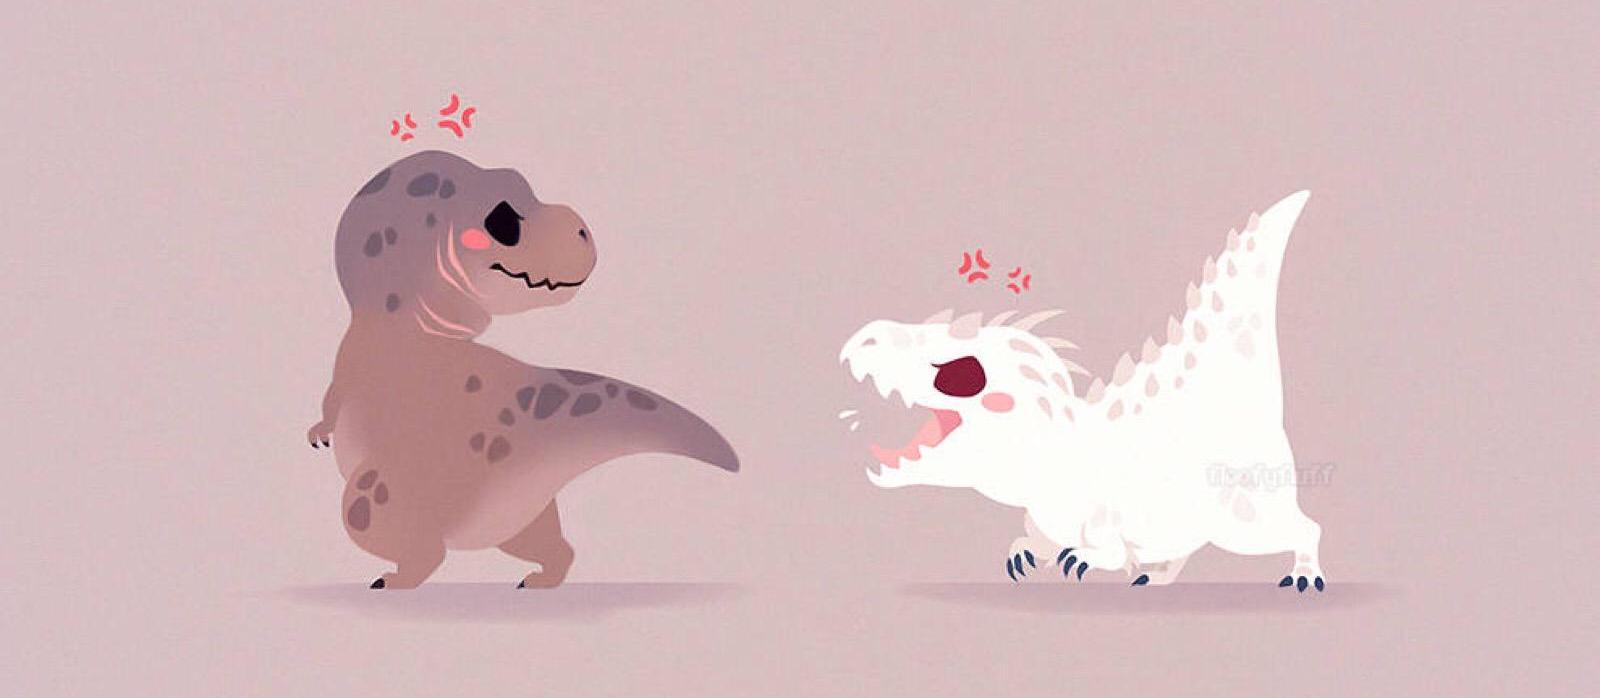 囧哥:恐龙足迹竟因此被毁